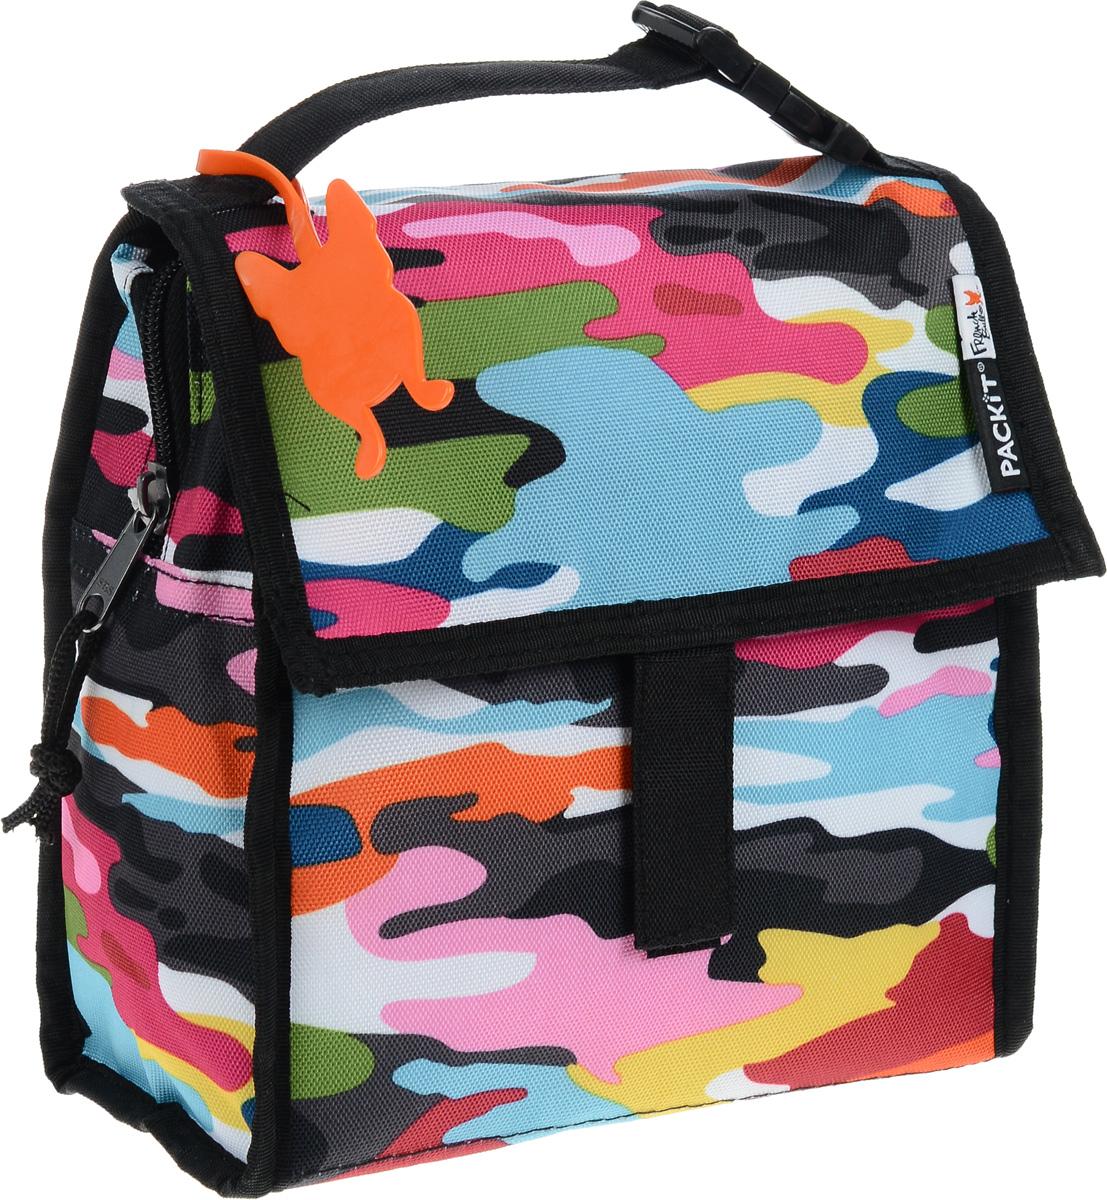 """Сумка-холодильник Packit """"Lunch Bag"""", цвет: черный, розовый, голубой, 1,9 л"""